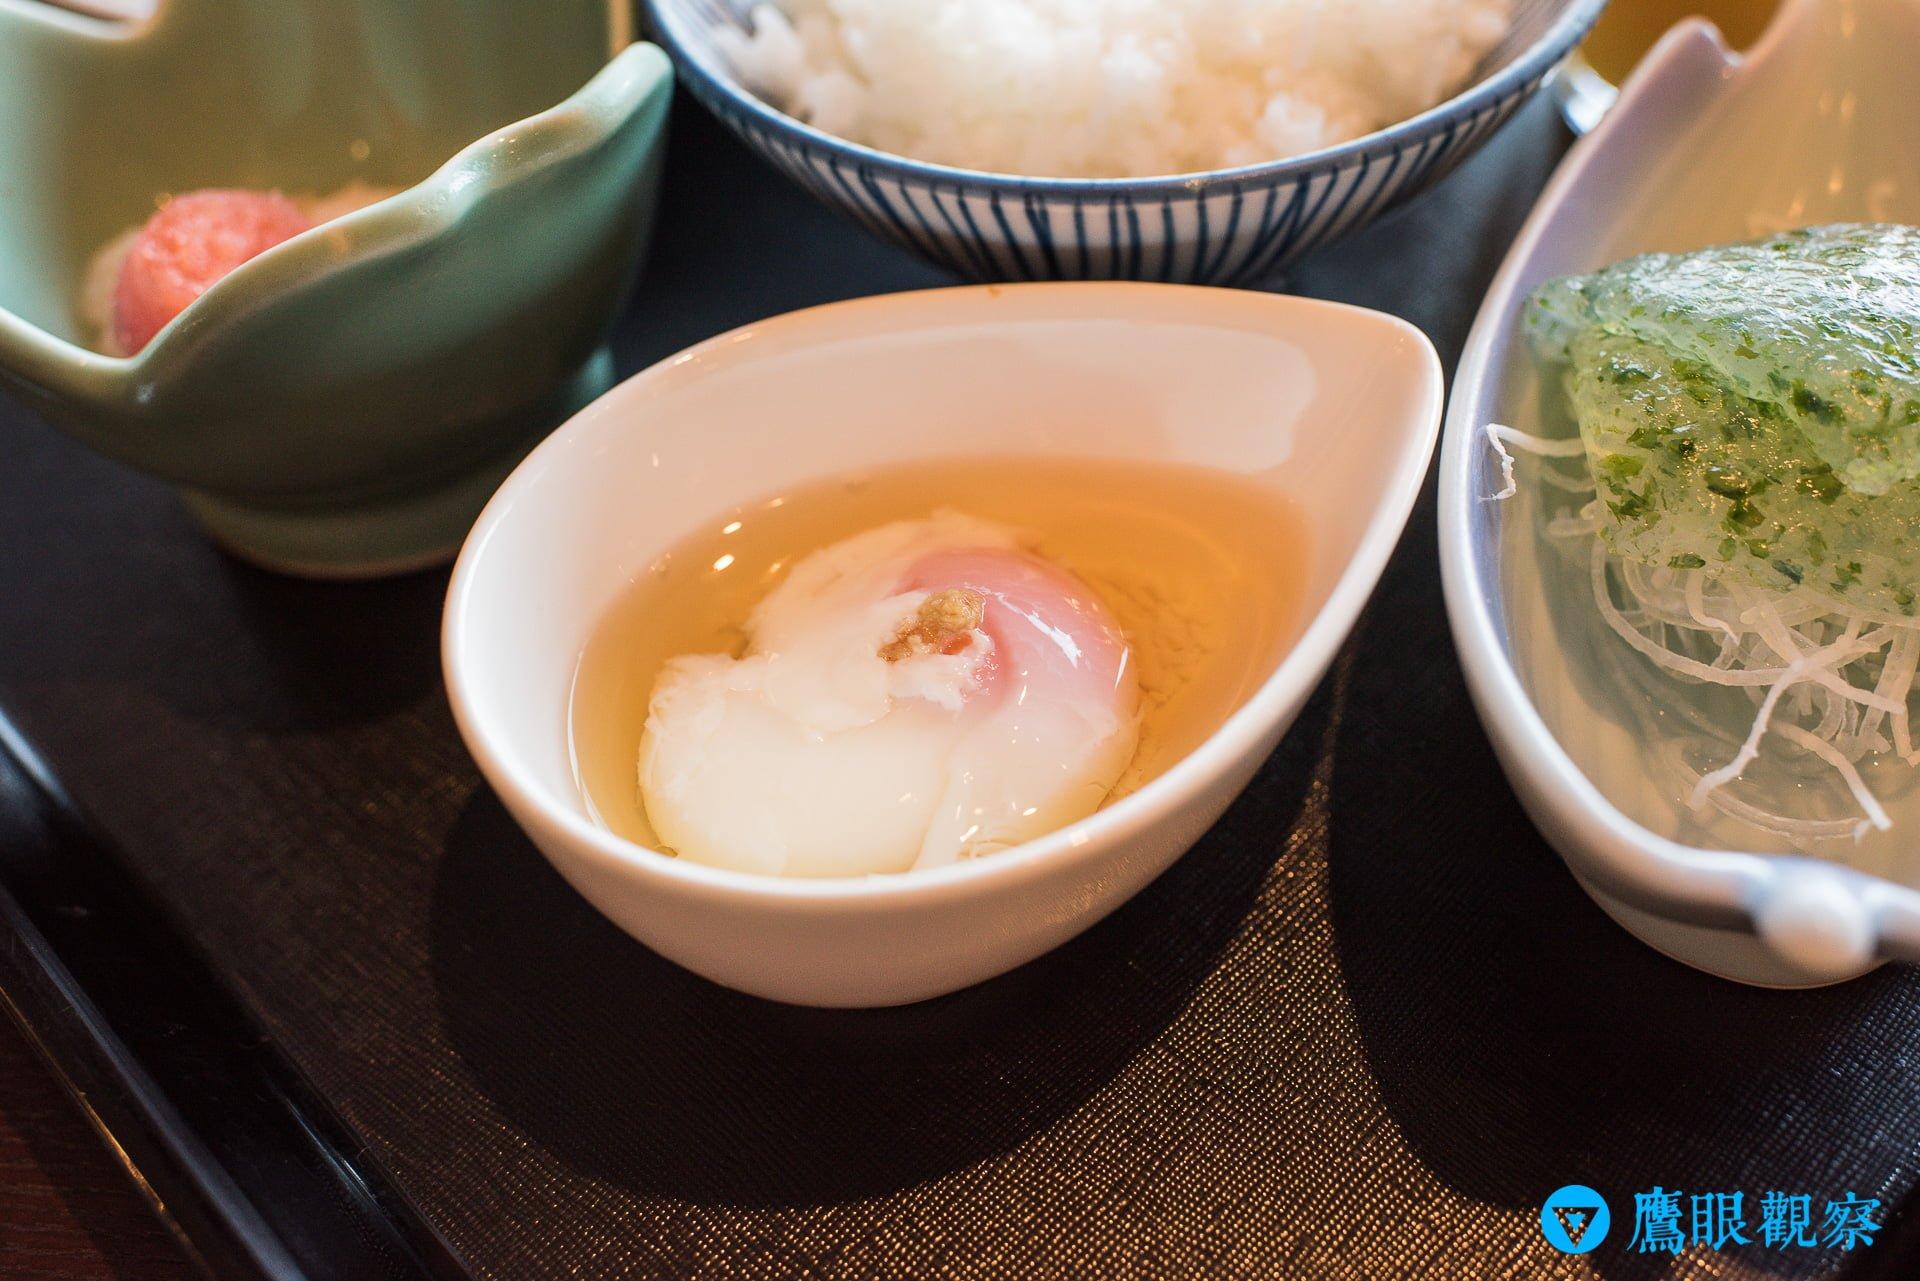 travel Japan gunma kishigon ryokan hotel in izumo spa hot spring 55 群馬縣伊香保溫泉「岸權旅館」日本旅館住宿推薦